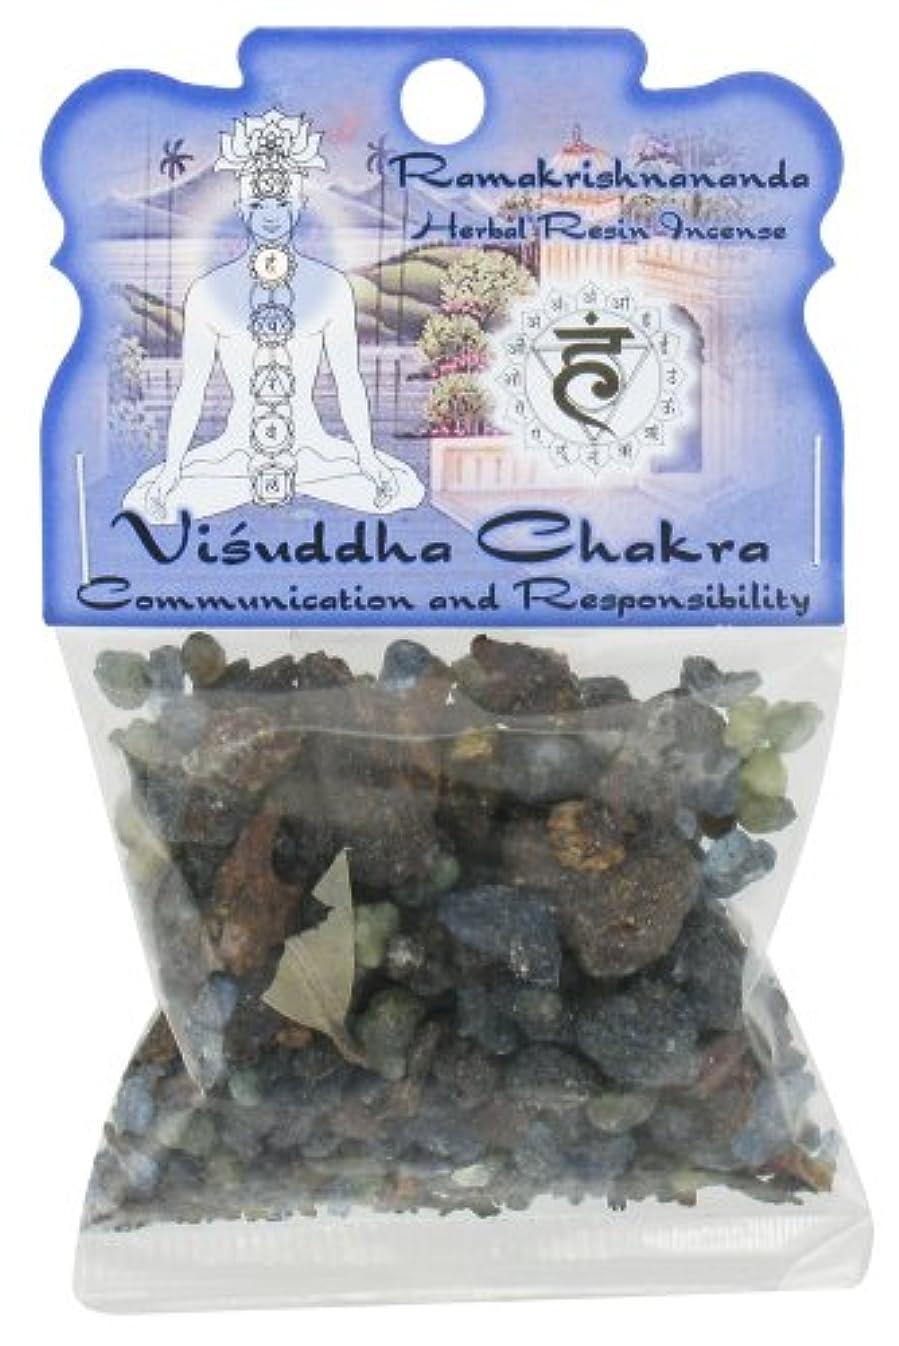 相互限りなく速報Ramakrishnananda お香 樹脂バッグ ビジュダチャクラ 各1個